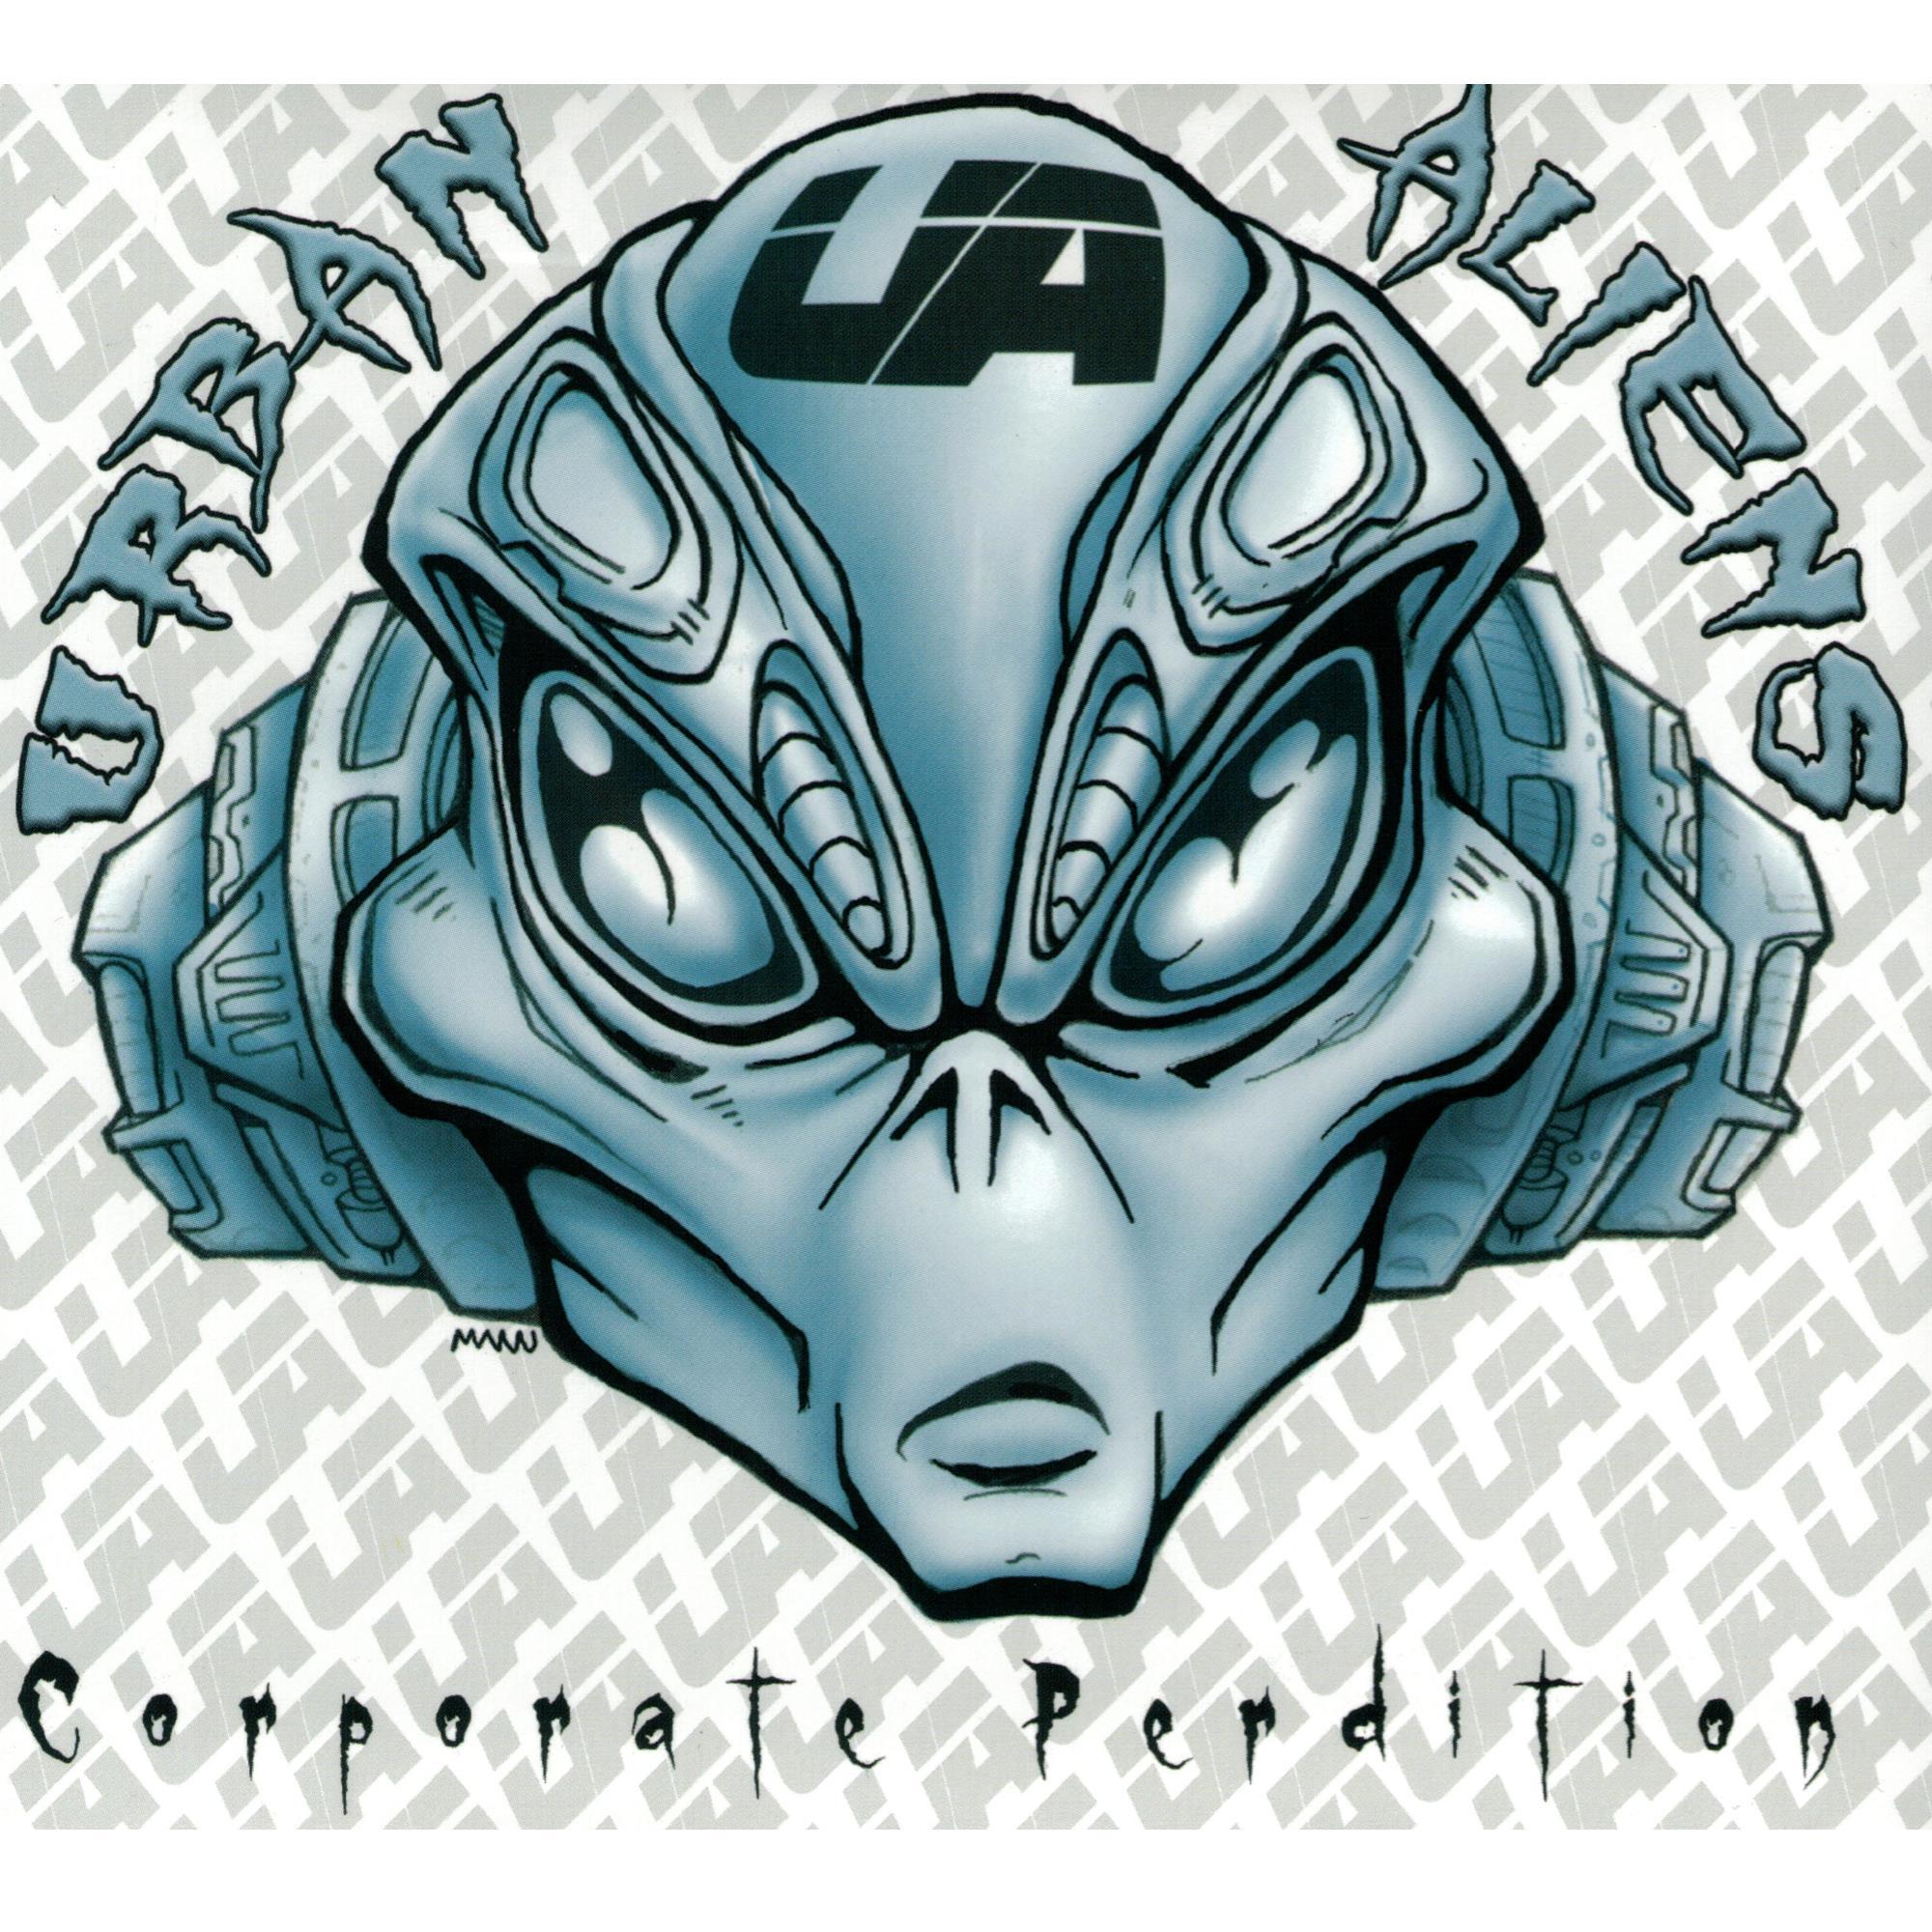 Corporate Perdition CD